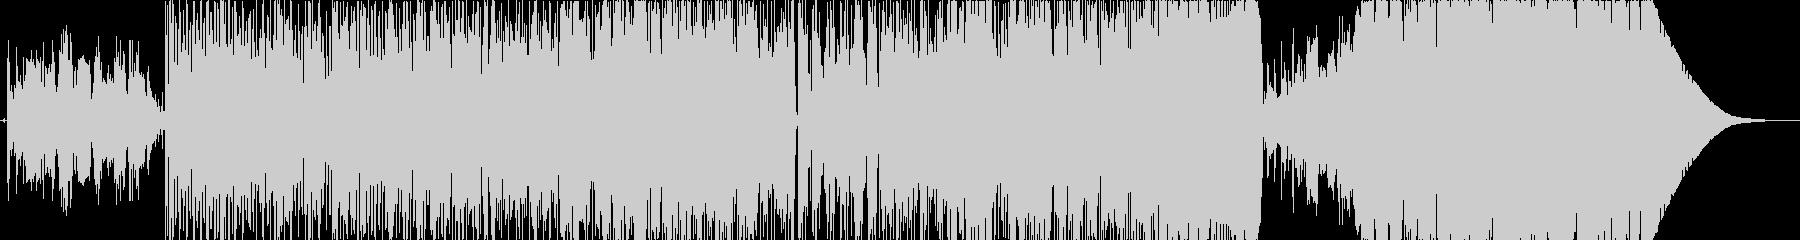 「夕暮れ時に聴きたいミディアムバラード」の未再生の波形